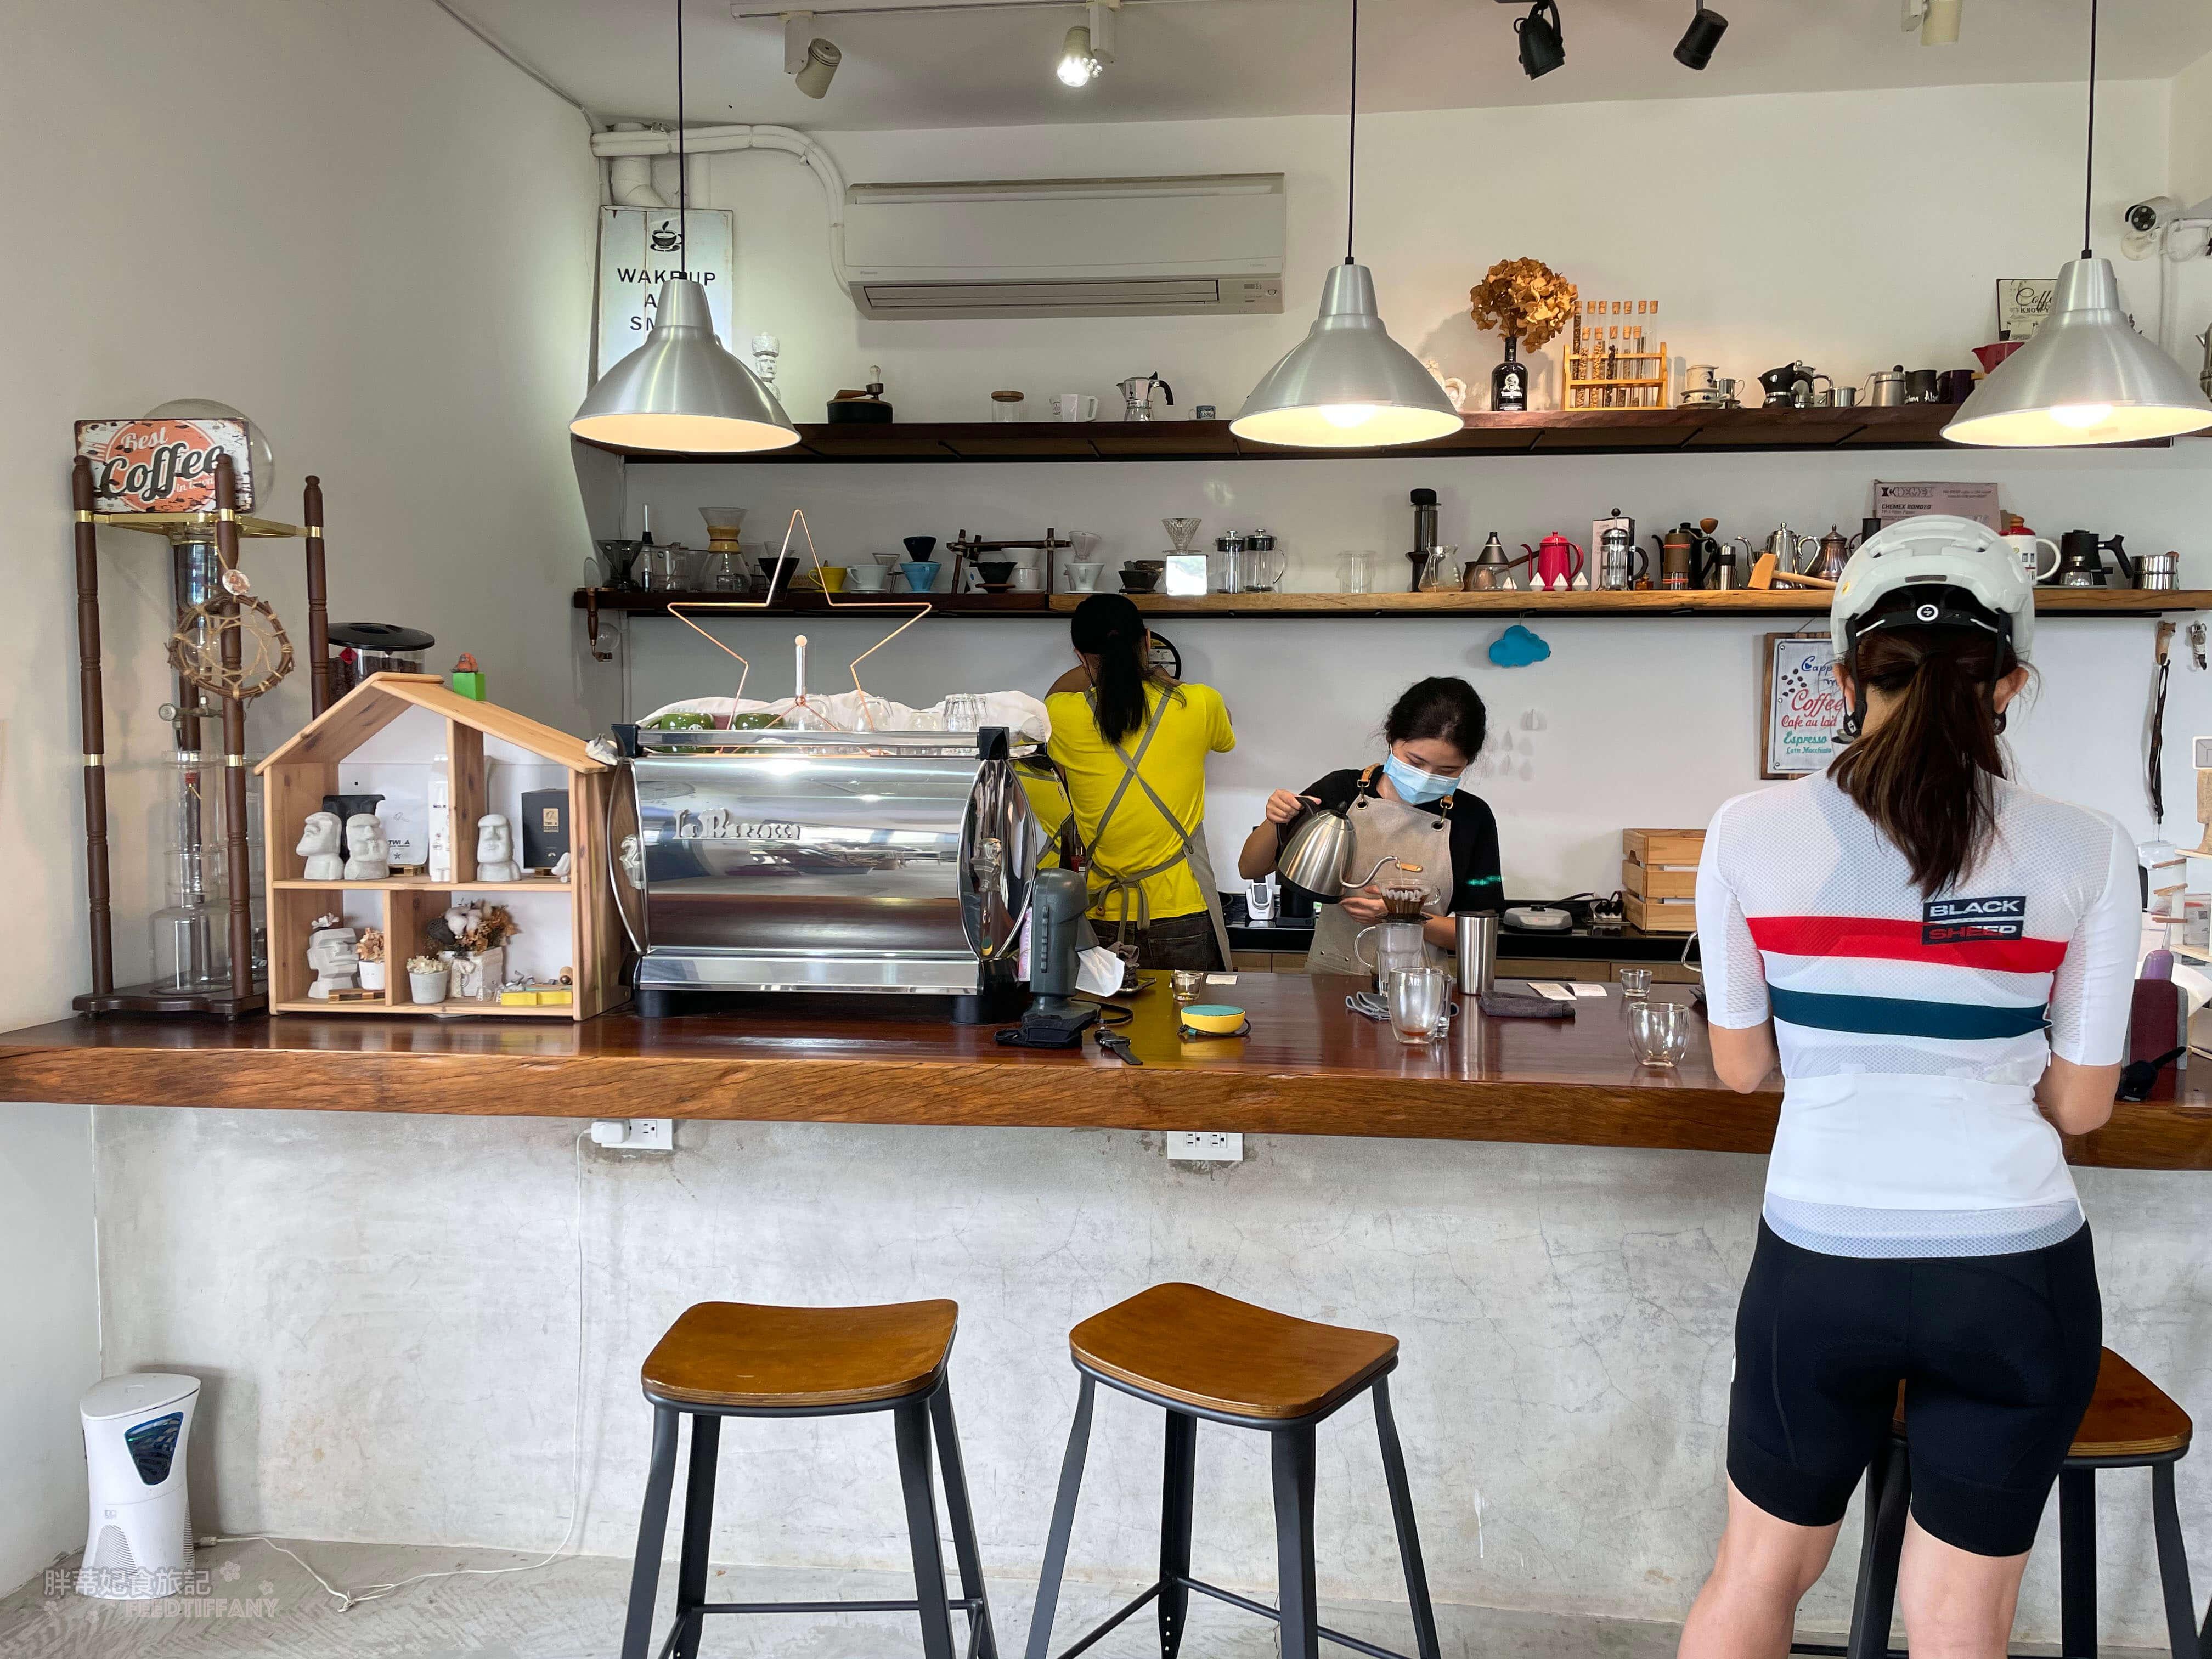 Twi A錘子咖啡烘焙坊 櫃檯